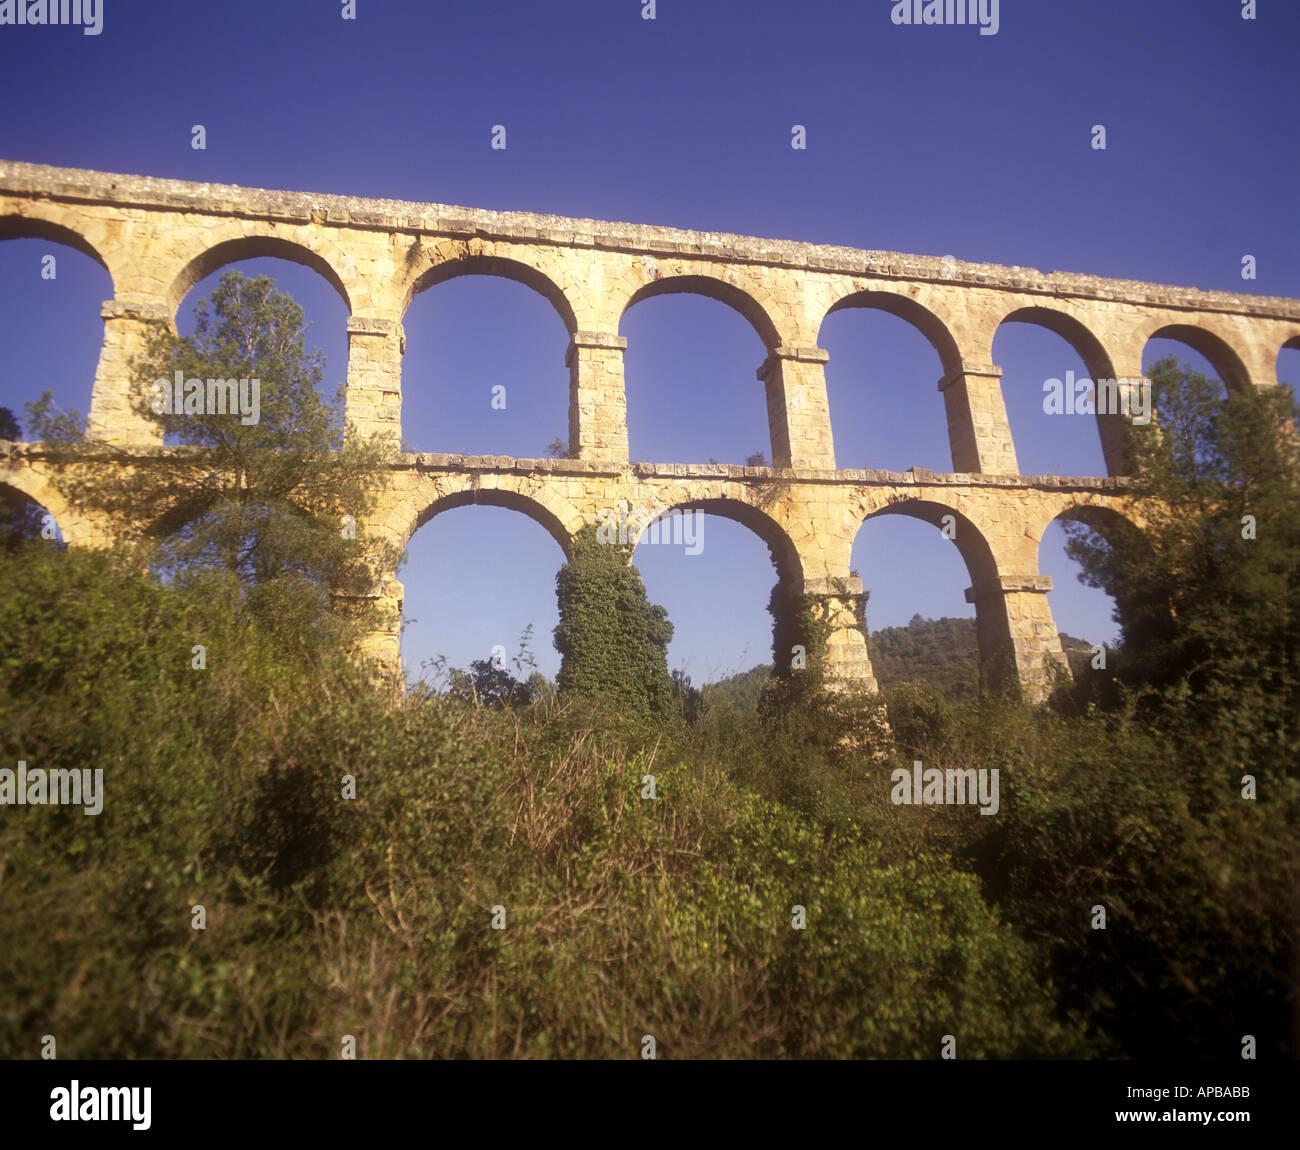 Aqueduc romain Pont del Diable près de Tarragone Espagne Photo Stock